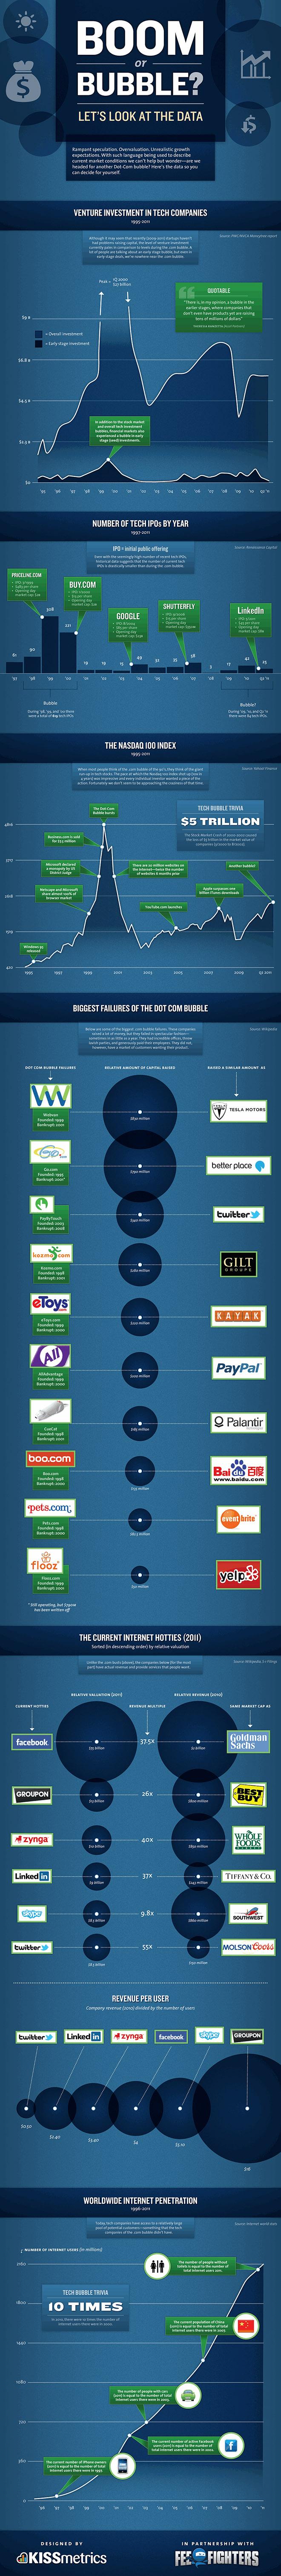 Assistons-nous à une nouvelle bulle de l'Internet?